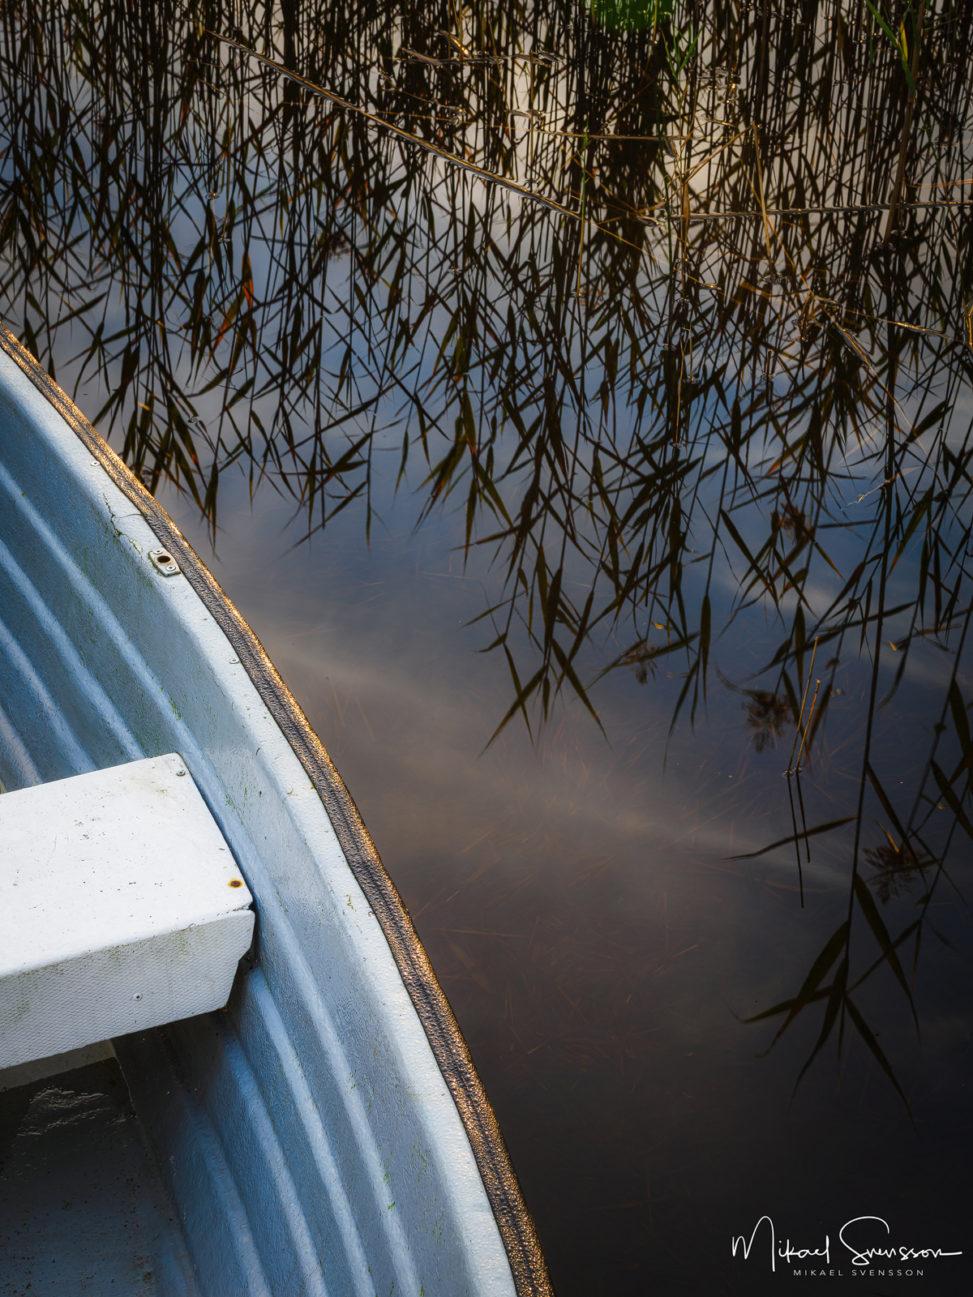 Båt vid Rådasjön, Mölndal.